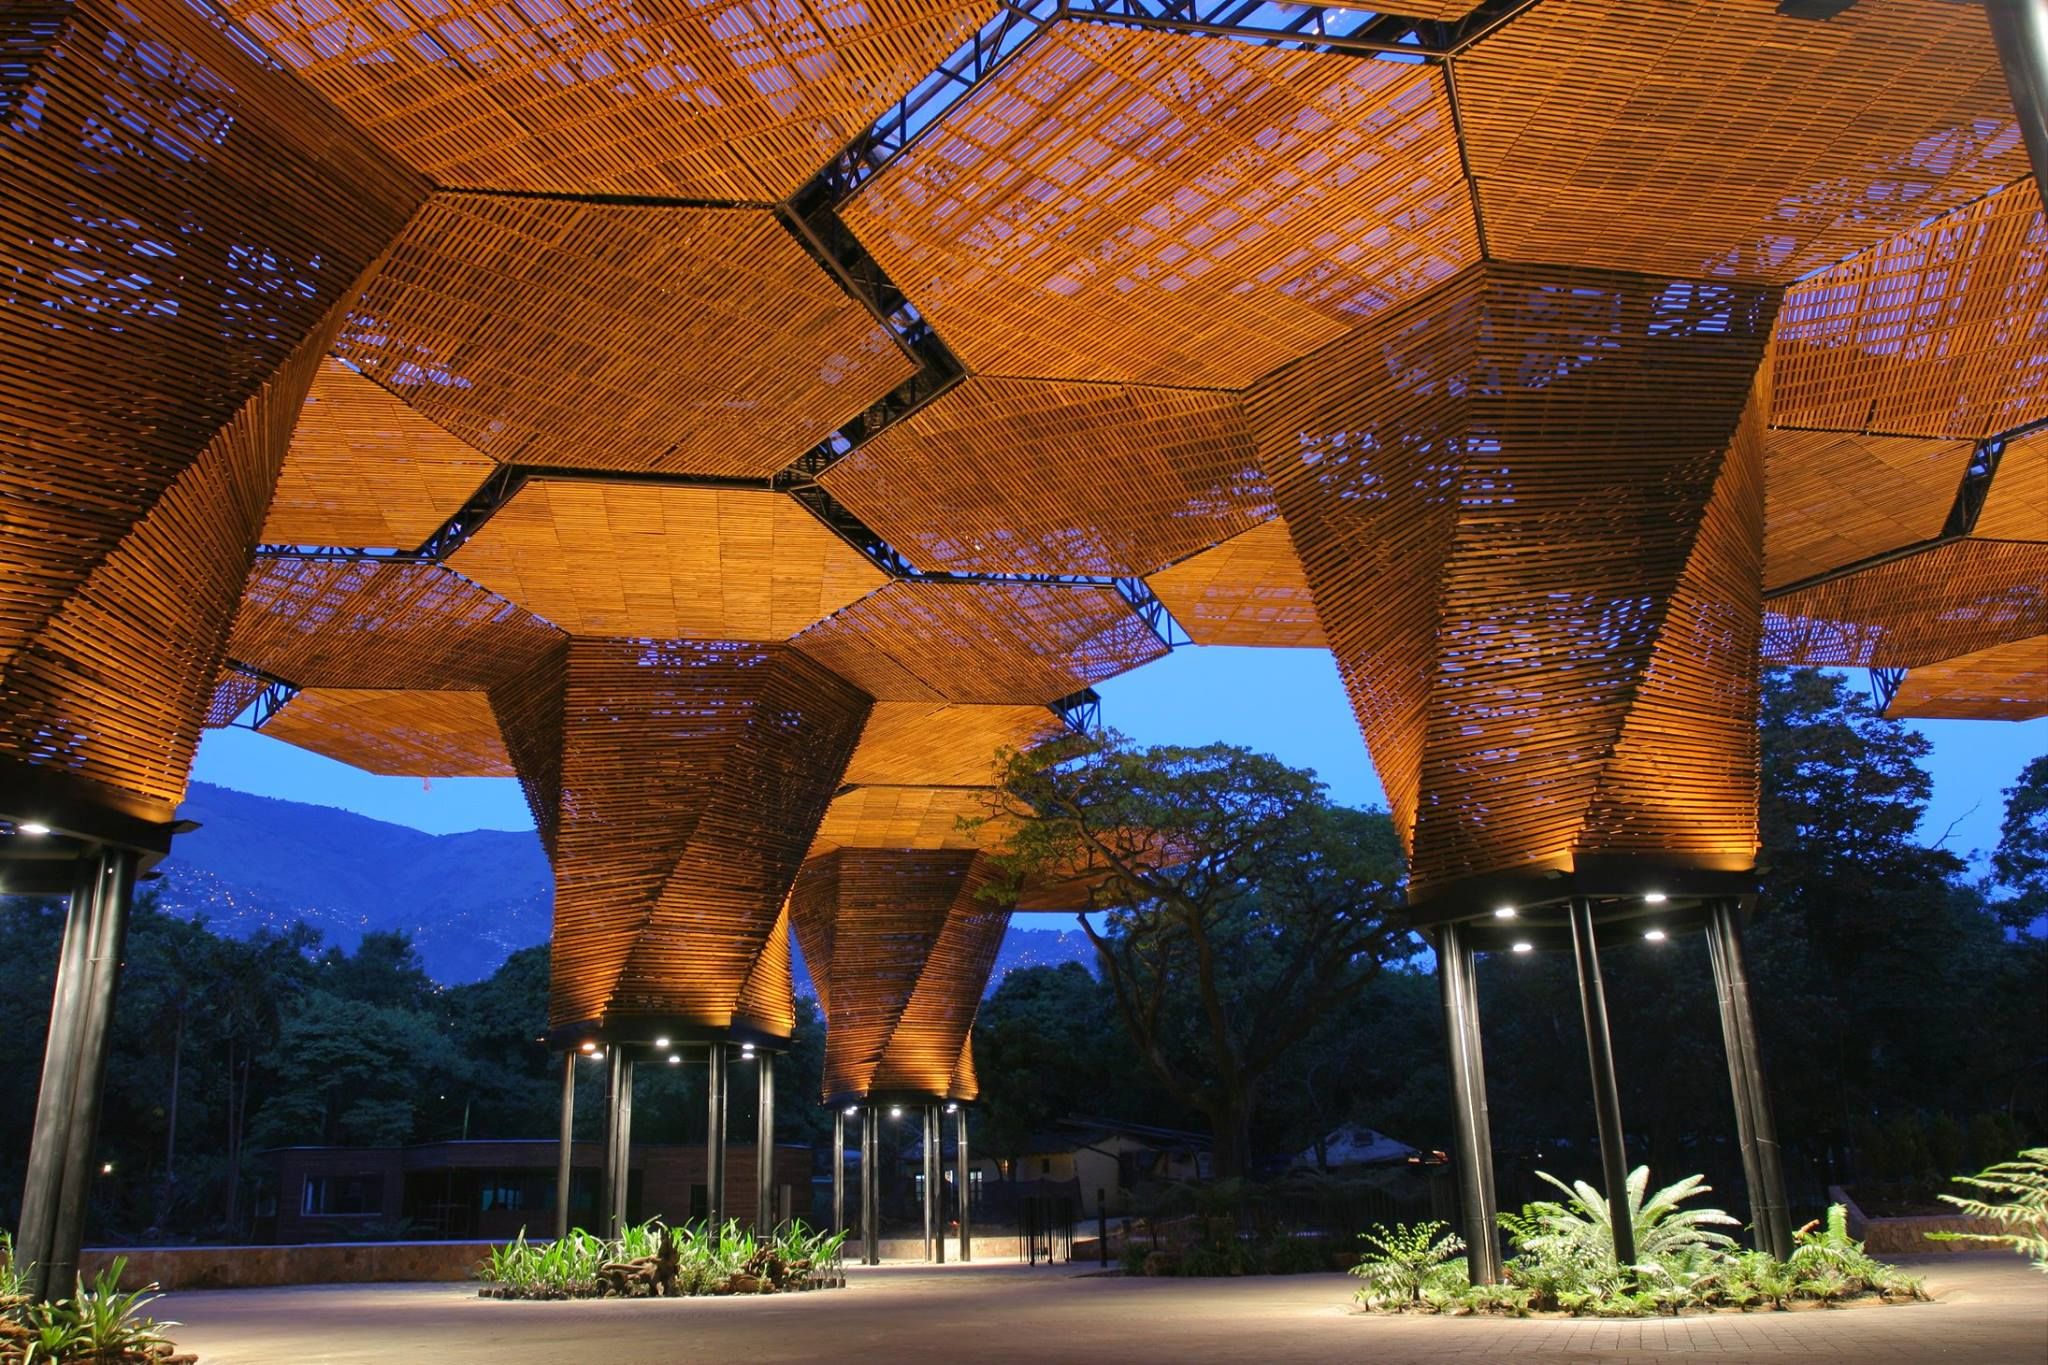 El dise o biof lico el poder de la arquitectura y la for Articulos de arquitectura 2015